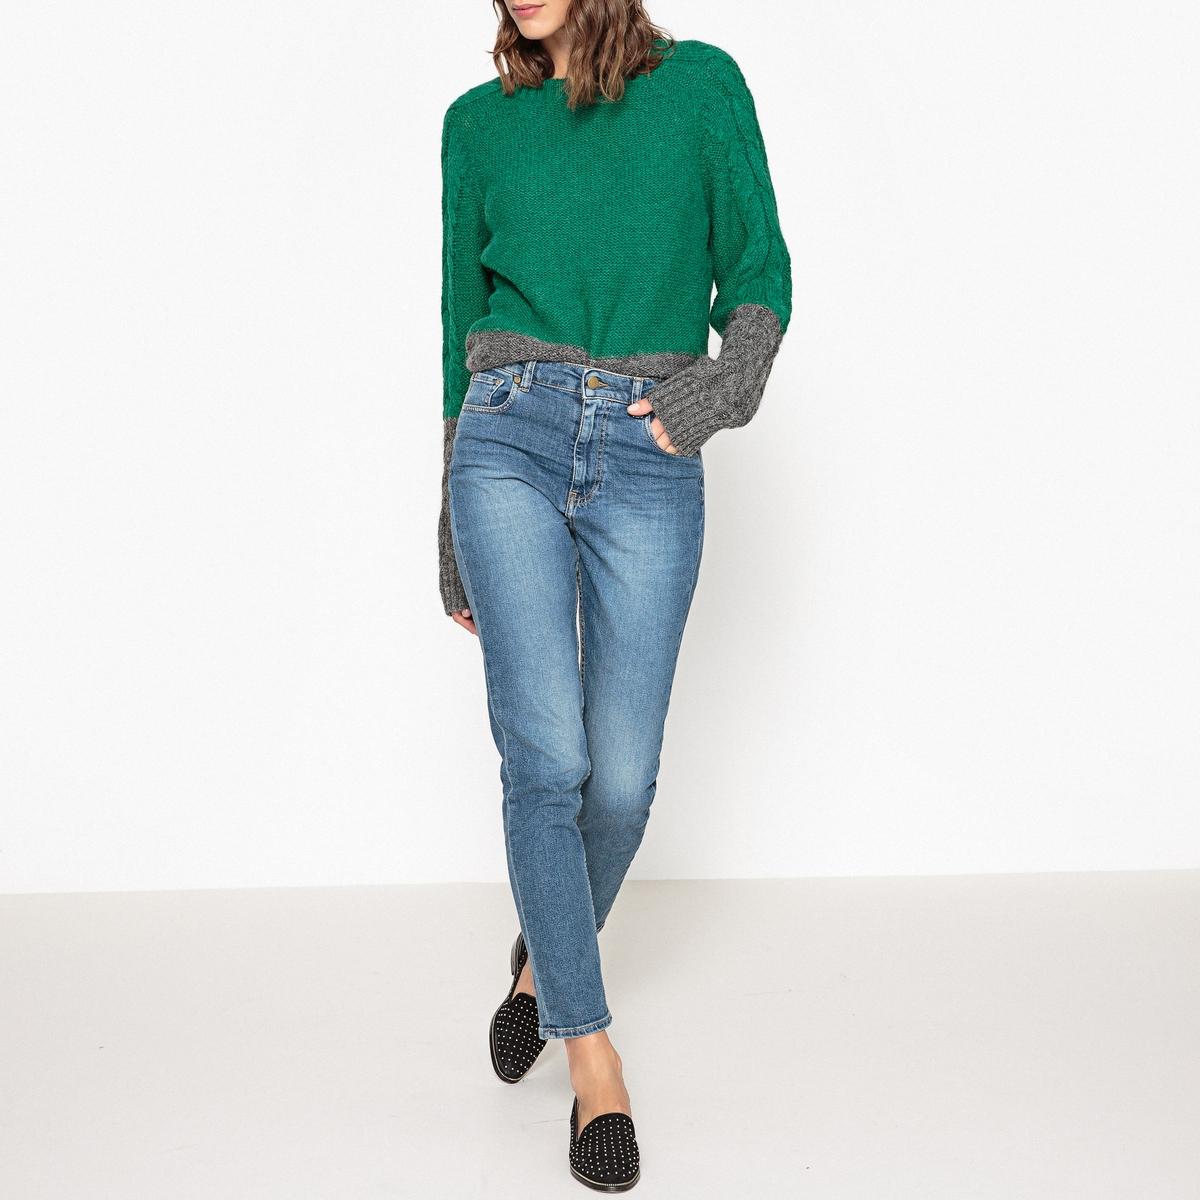 Пуловер двухцветный с бахромой MARCEL